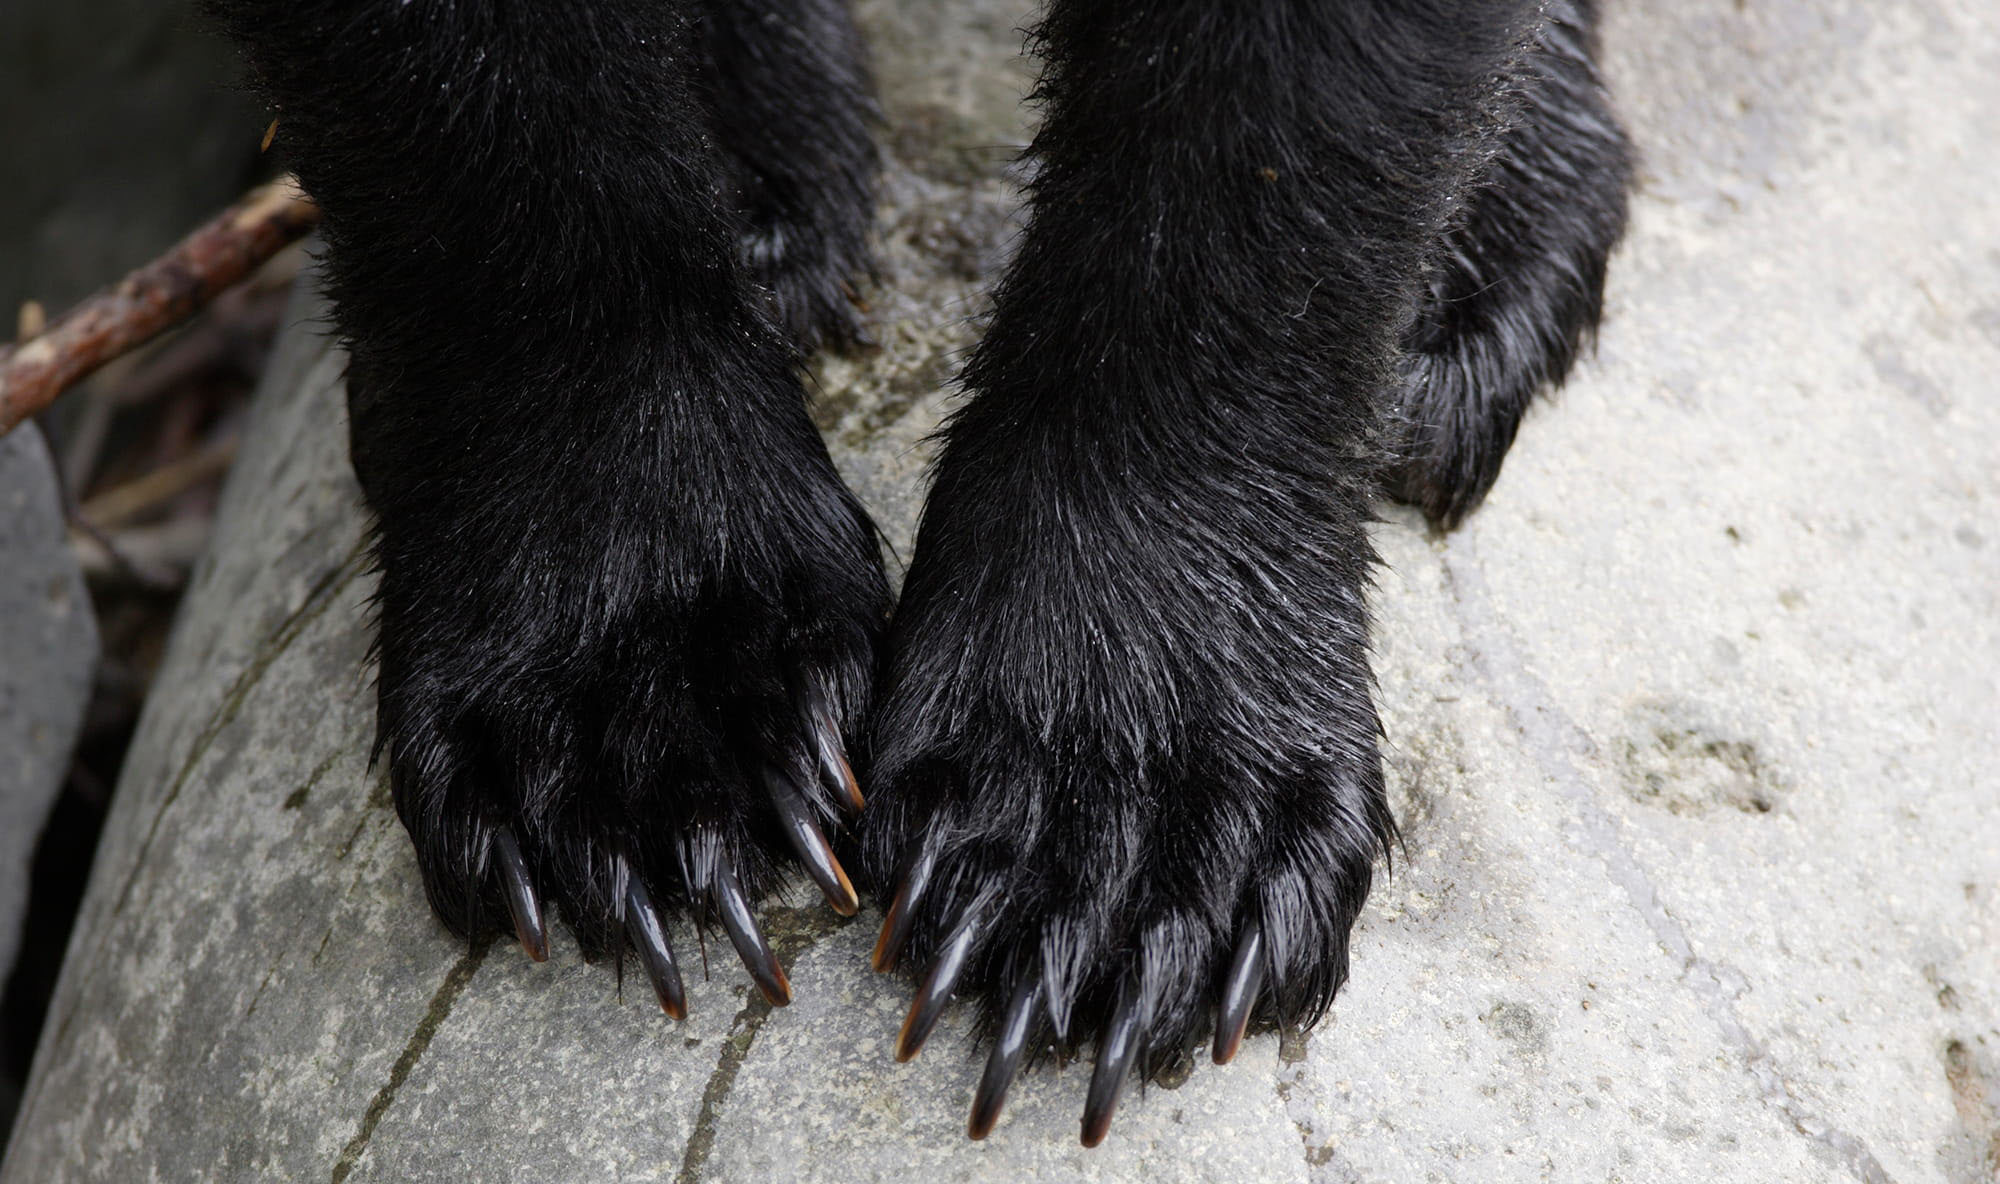 獣と人の境界をめぐる困難